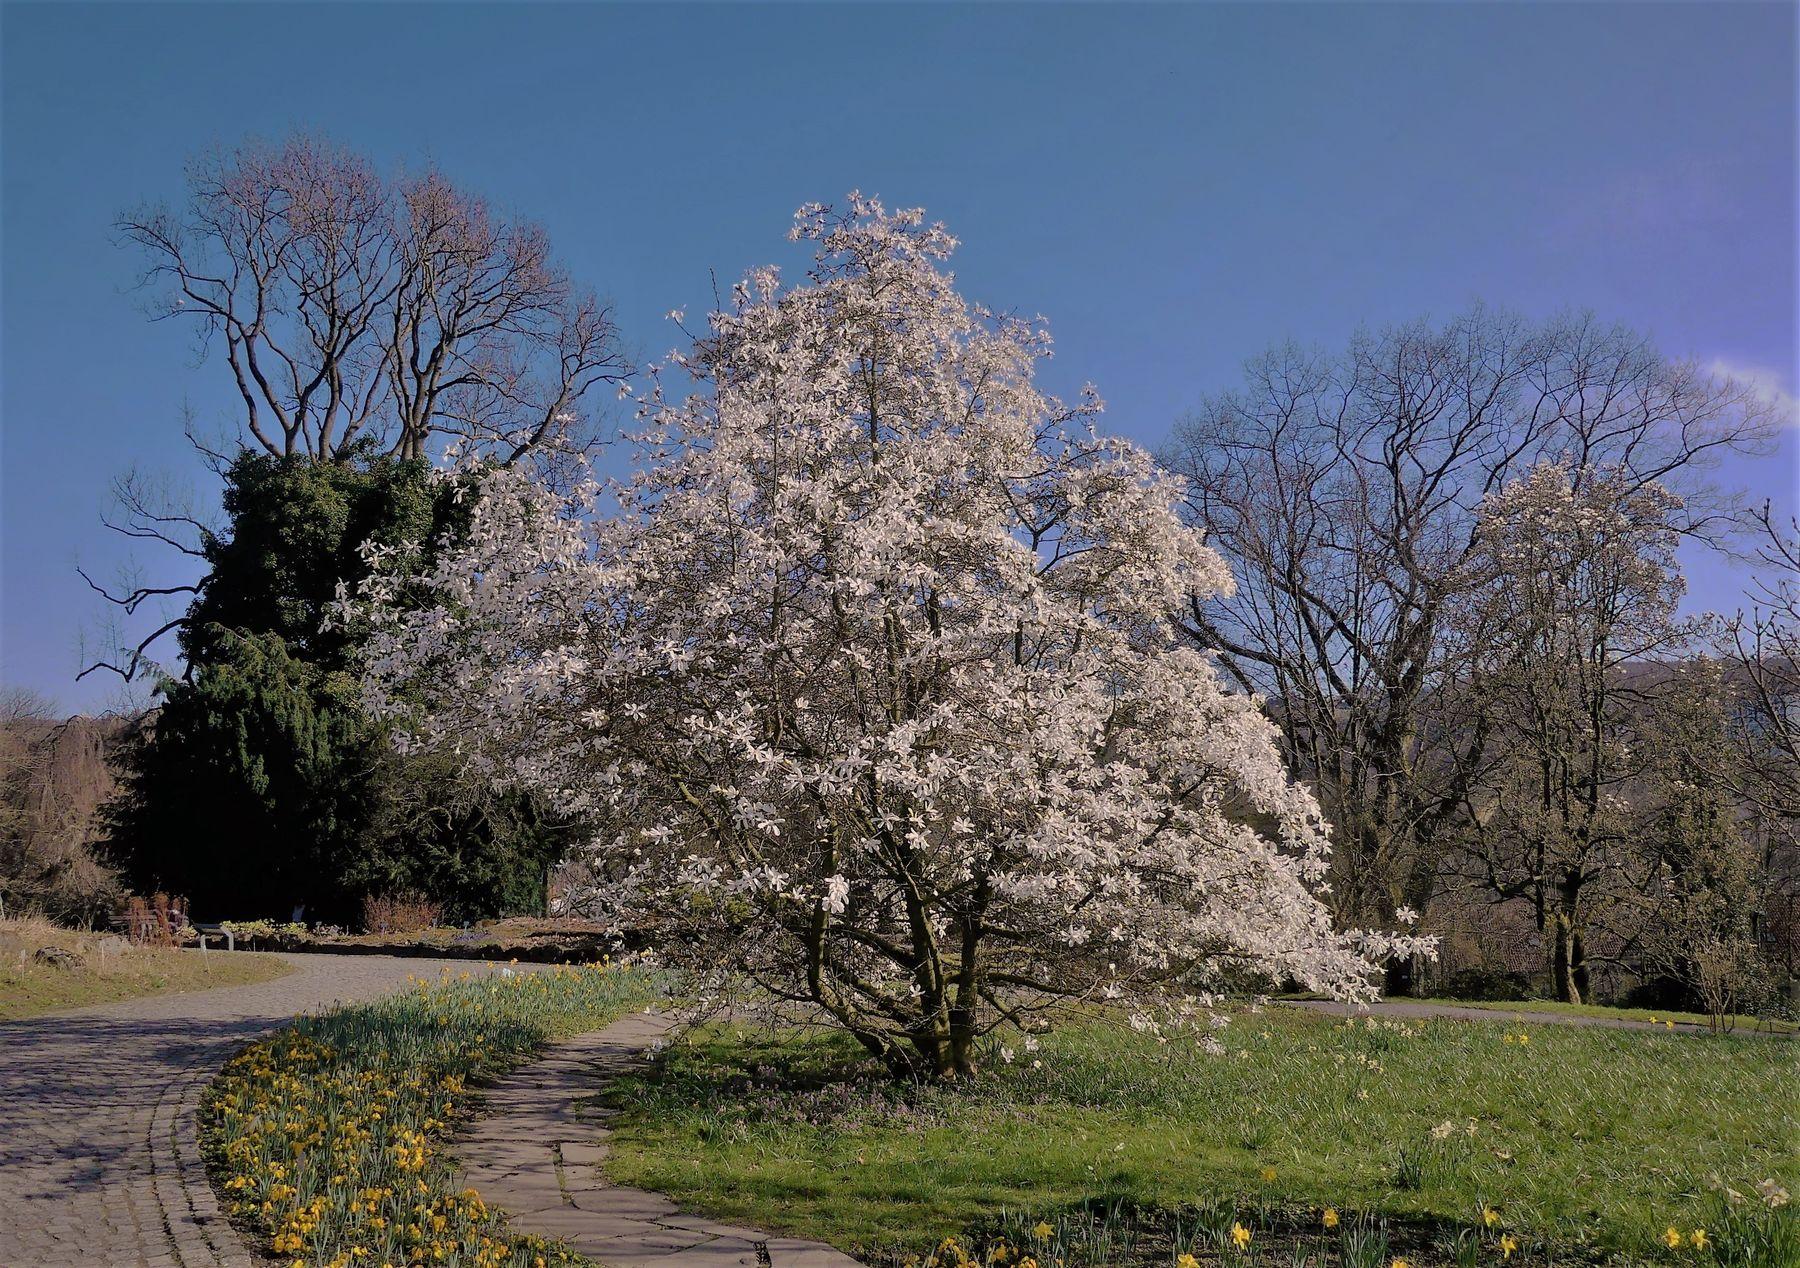 Цветут магнолии, витает запах сладкий средь запахов чарующей весны. Магнолия ботанический сад Вупперталь Германия